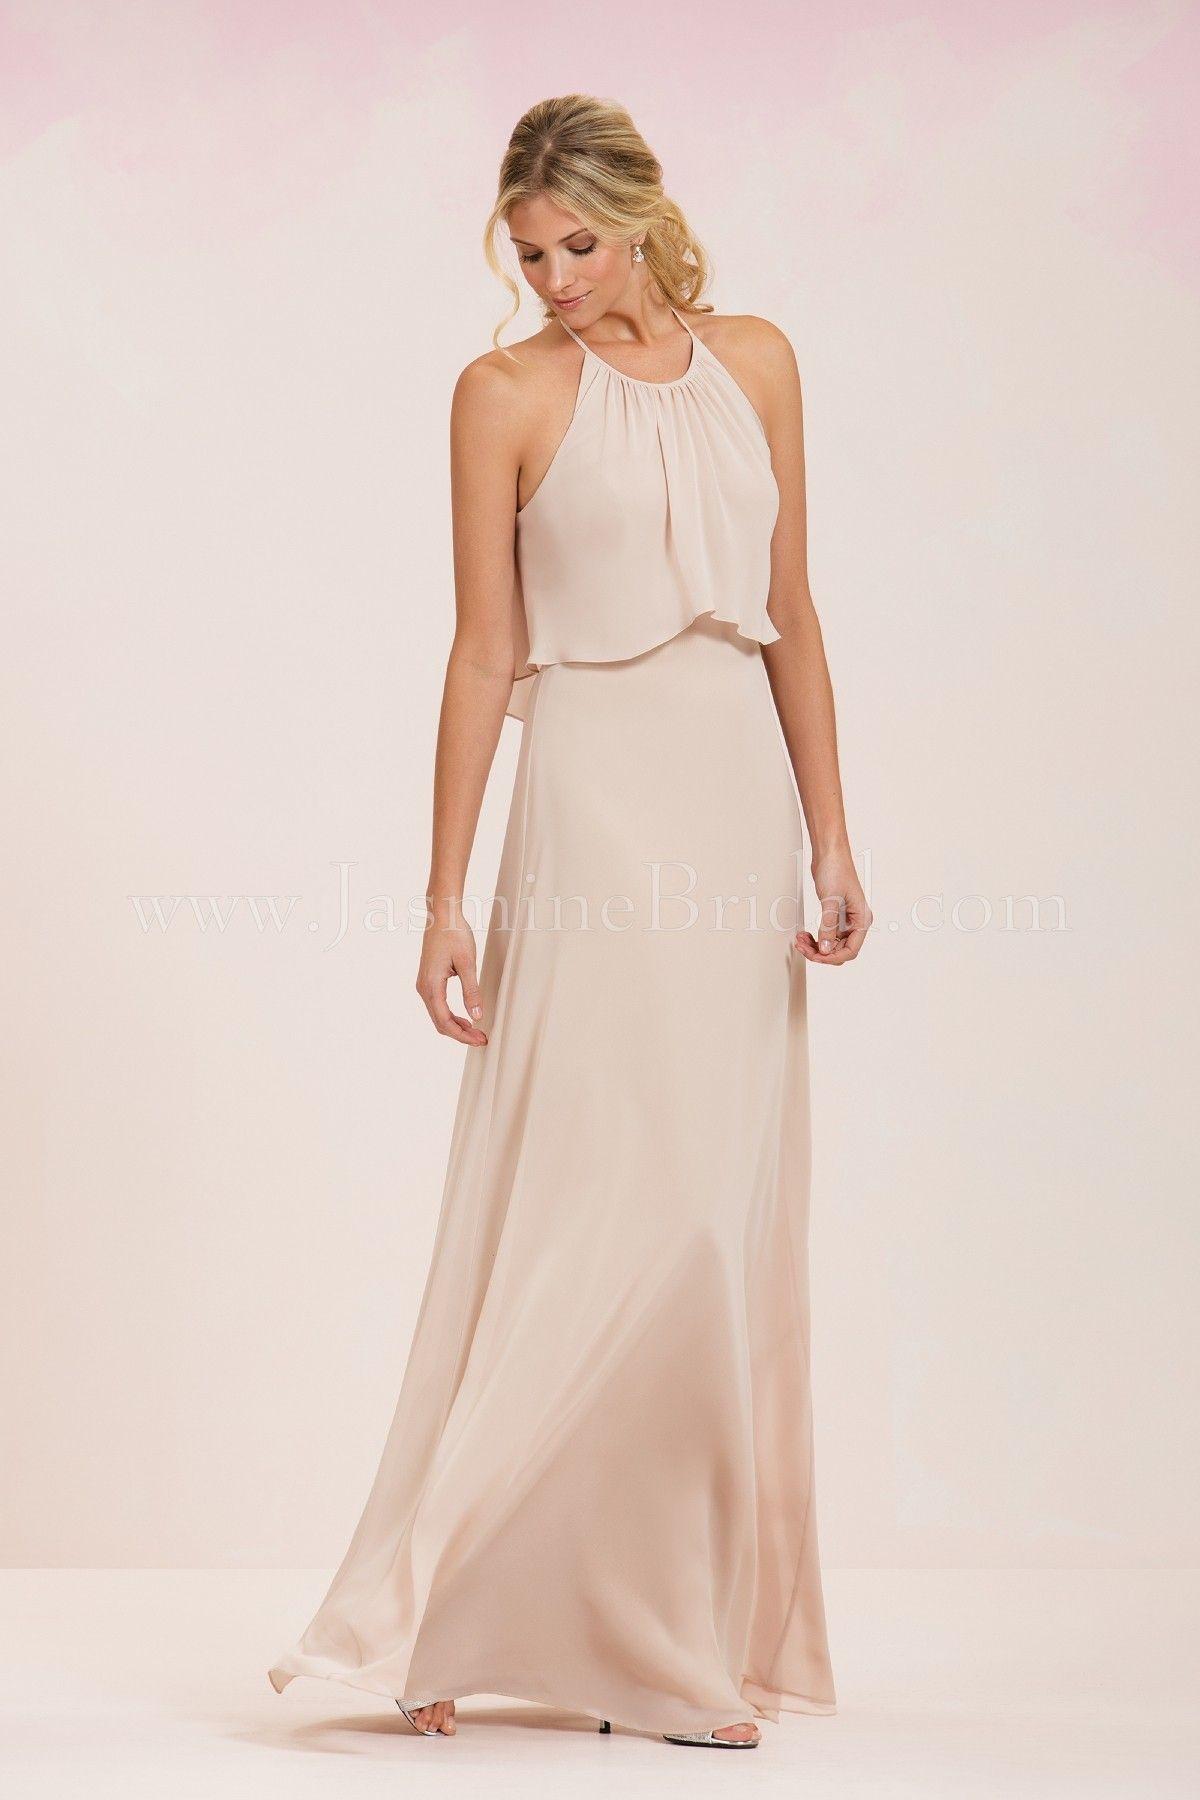 Jasmine bridal bridesmaid dress jasmine bridesmaids style p183051 jasmine bridal bridesmaid dress jasmine bridesmaids style p183051 in champagne ombrellifo Images